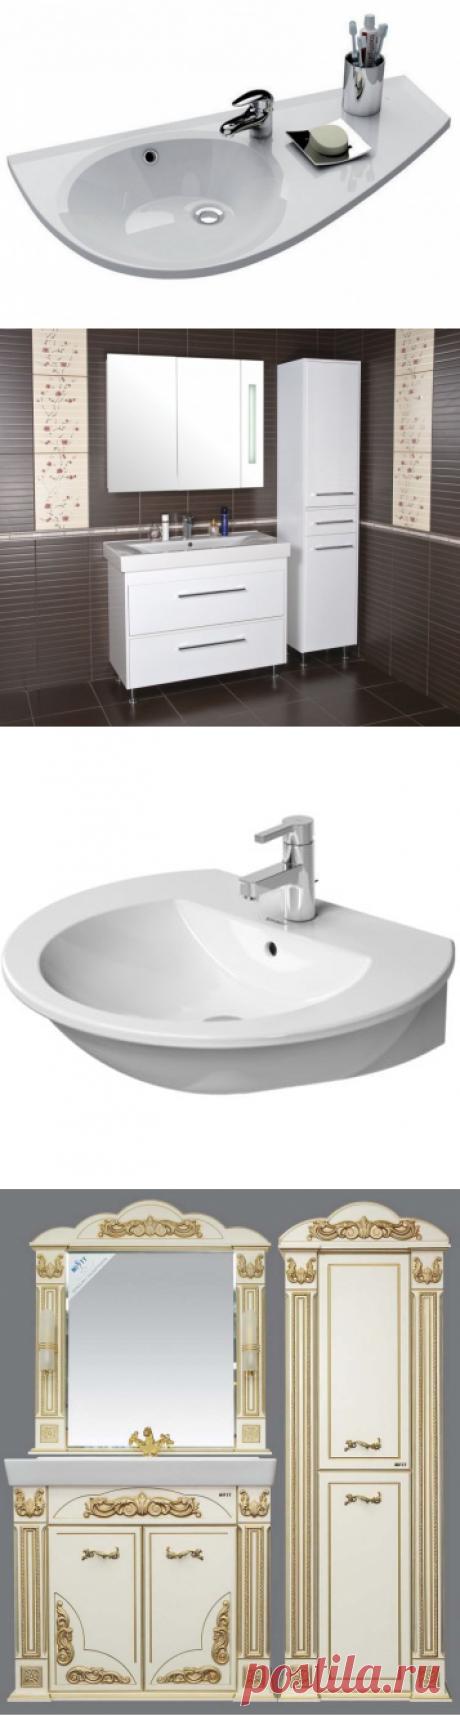 Купить мебель для ванной комнаты в комплектах с доставкой в Москве и по России